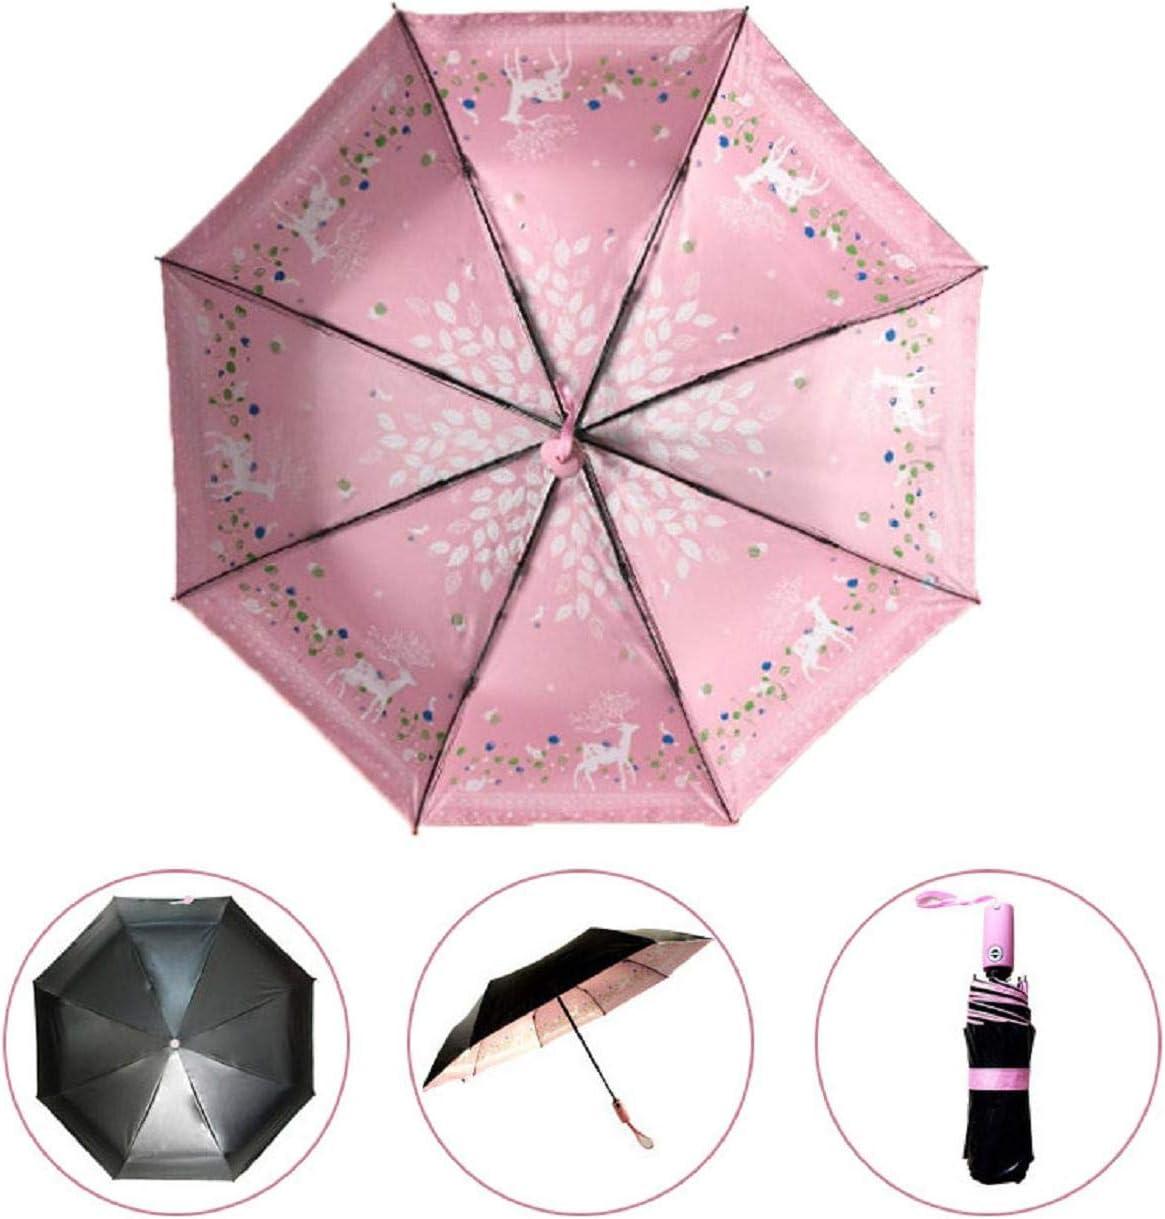 Automatic Umbrella Sun Umbrella Deer Umbrella Automatic Black Plastic Umbrella Ladies Umbrella for Men and Women Roysberry Folding Umbrella